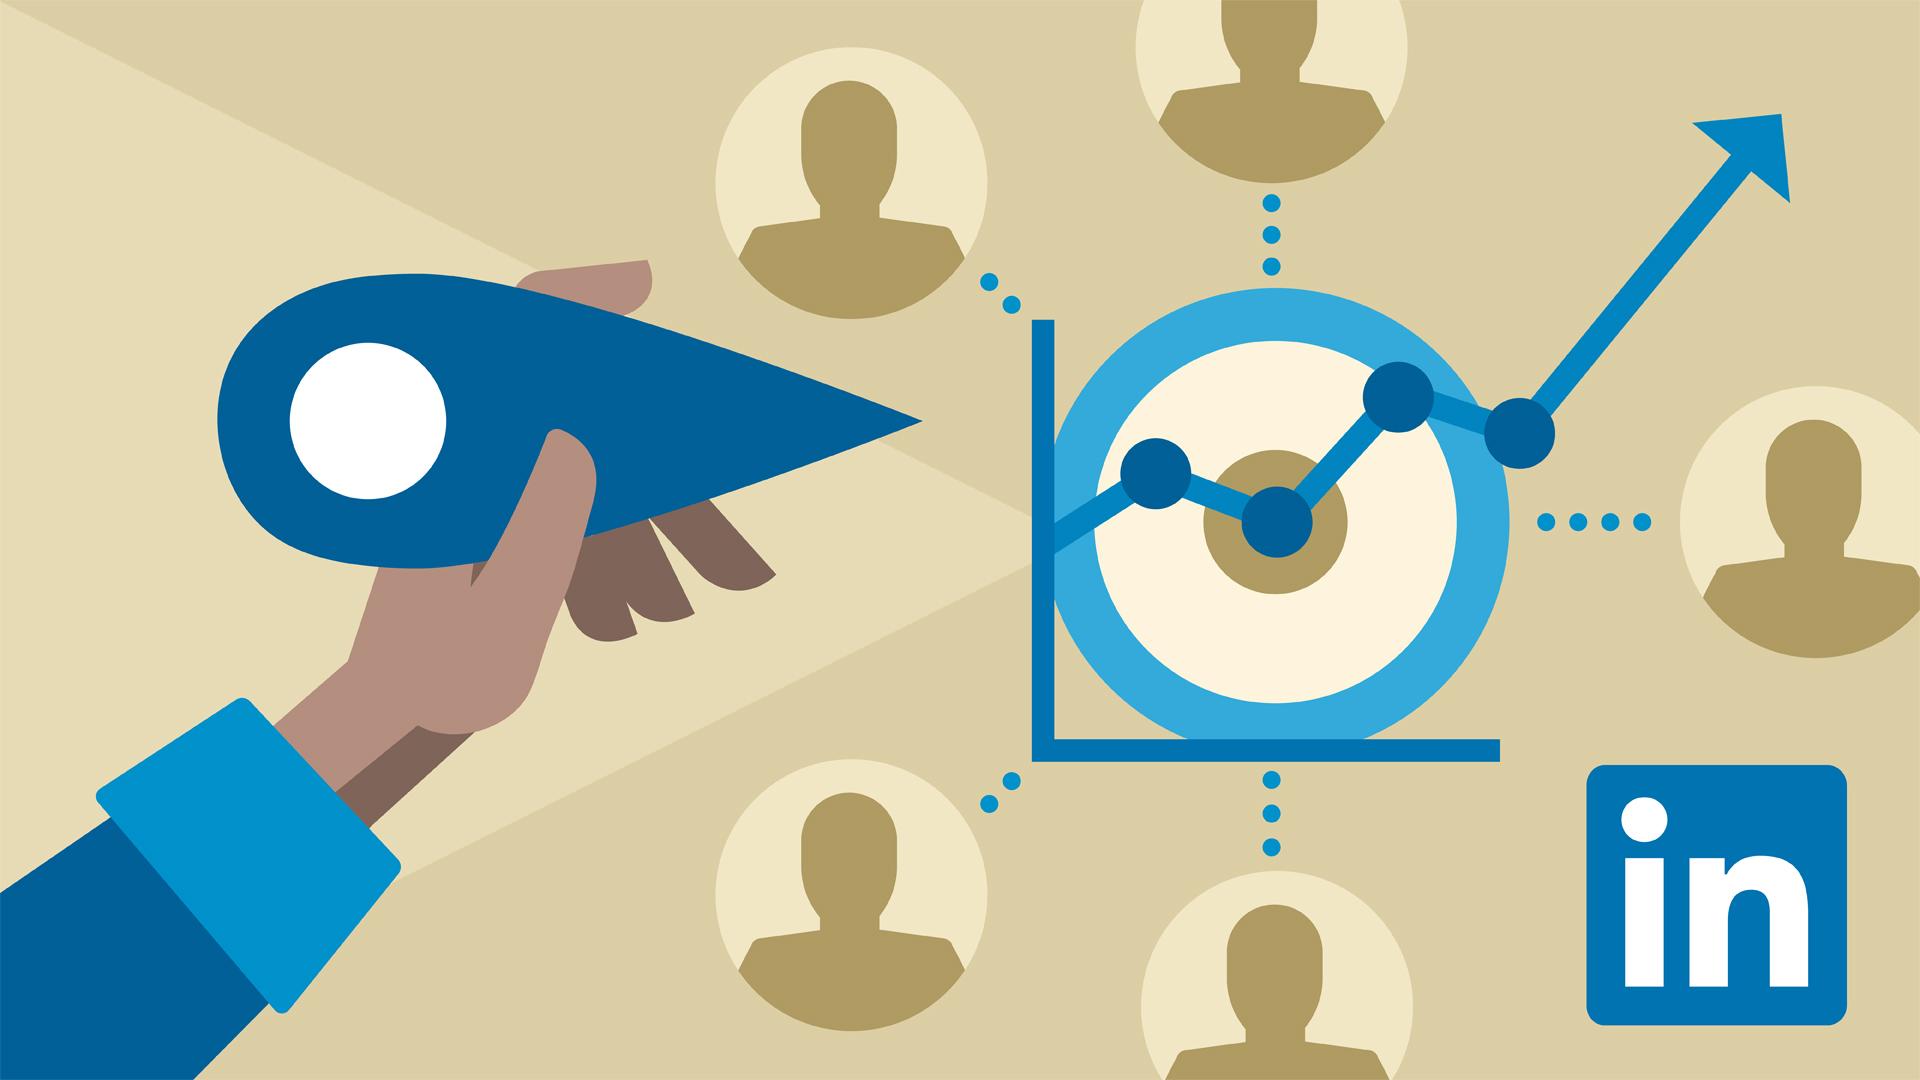 tiếp cận ứng viên trên linkedin bằng nhiều cách khác nhau